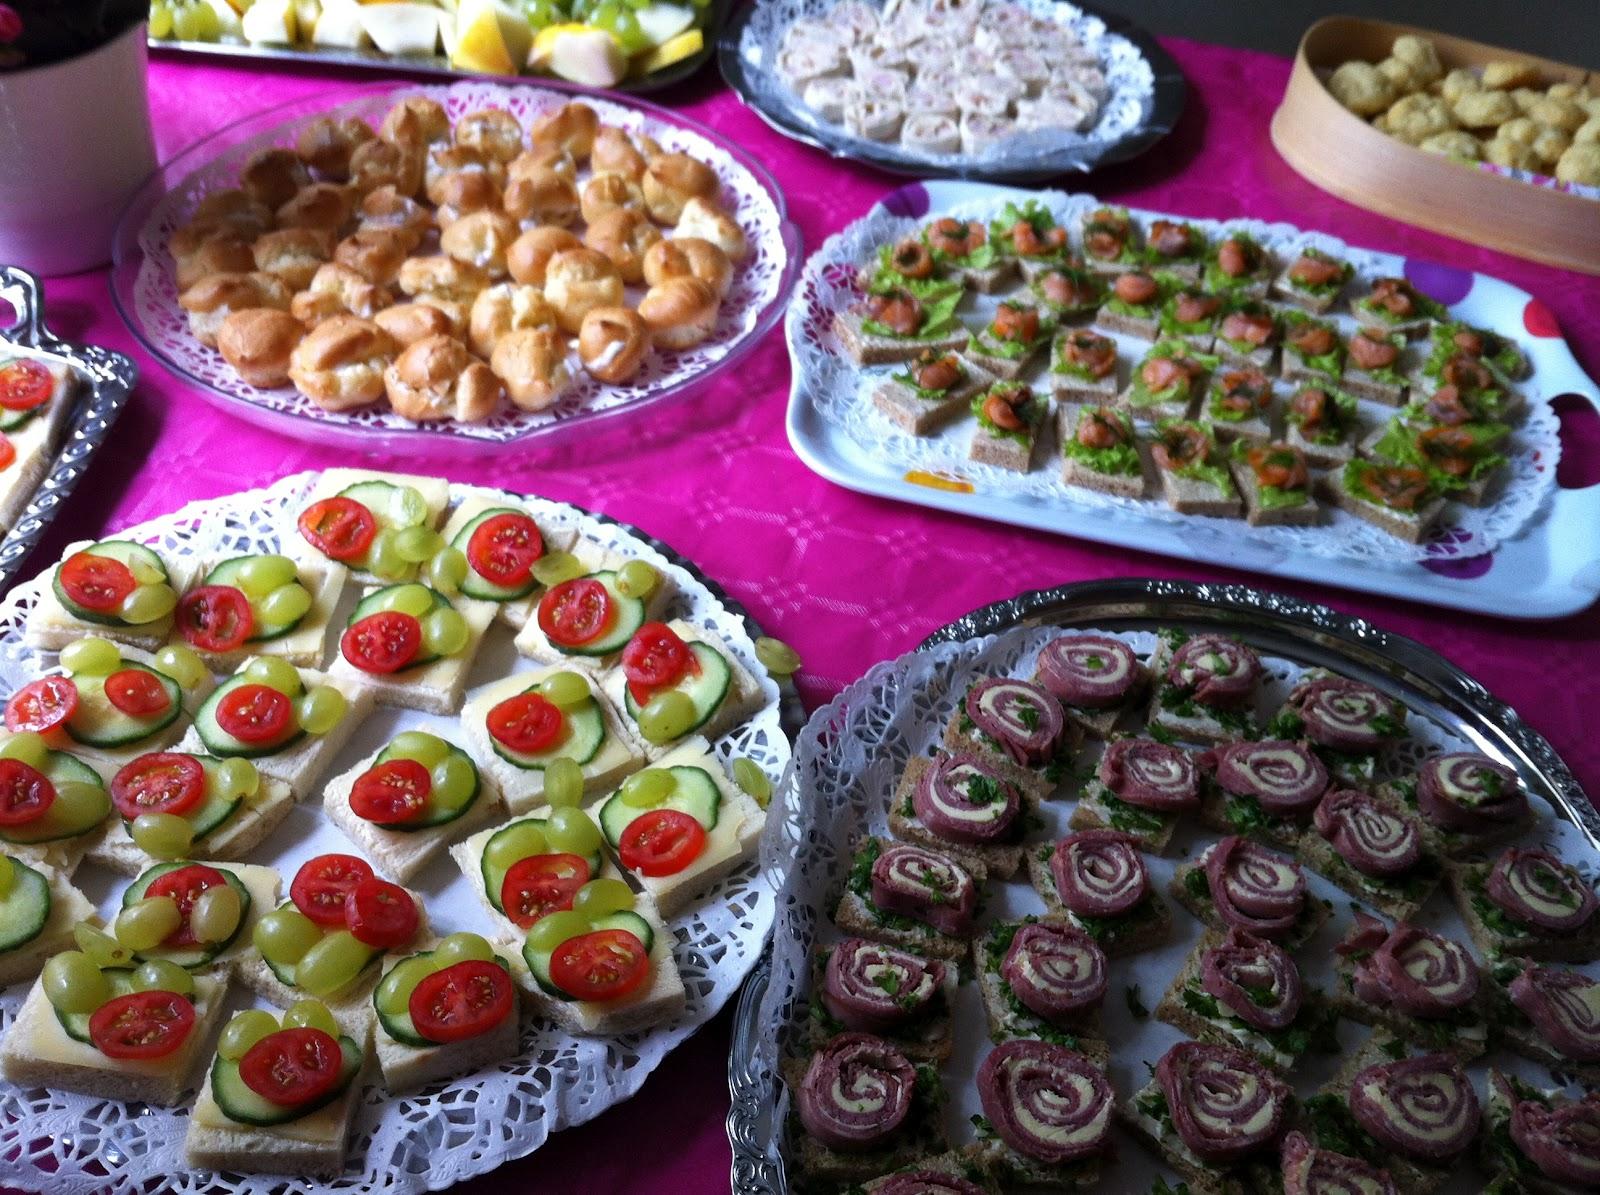 18 års fest mat Salsta mmm: Fransk chokladtårta till Victoria 18 år 18 års fest mat